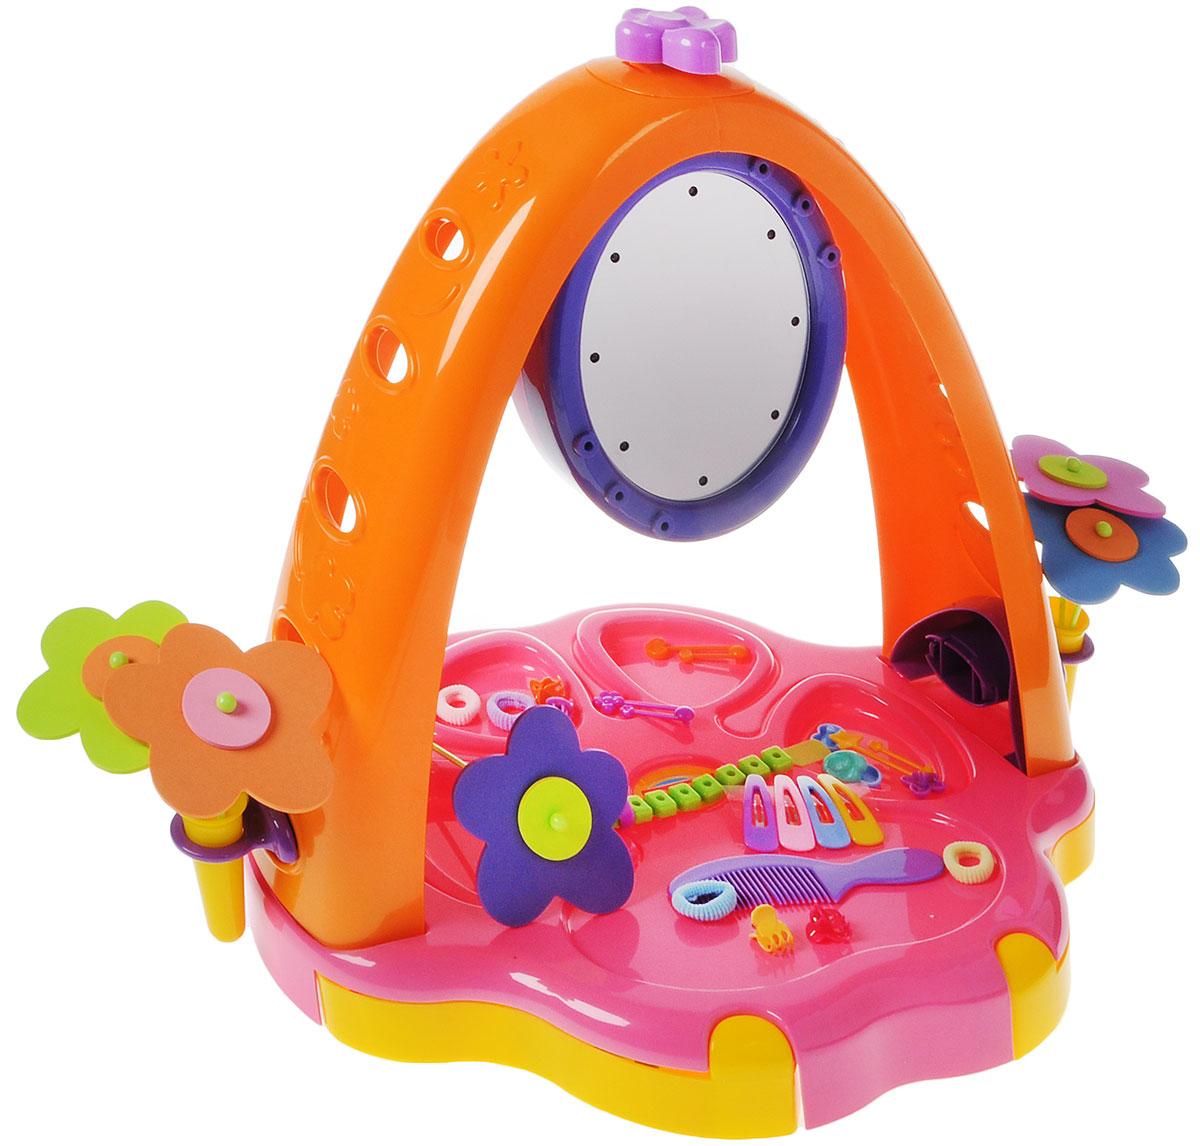 Полесье Игровой набор Юная принцесса, Сюжетно-ролевые игрушки  - купить со скидкой